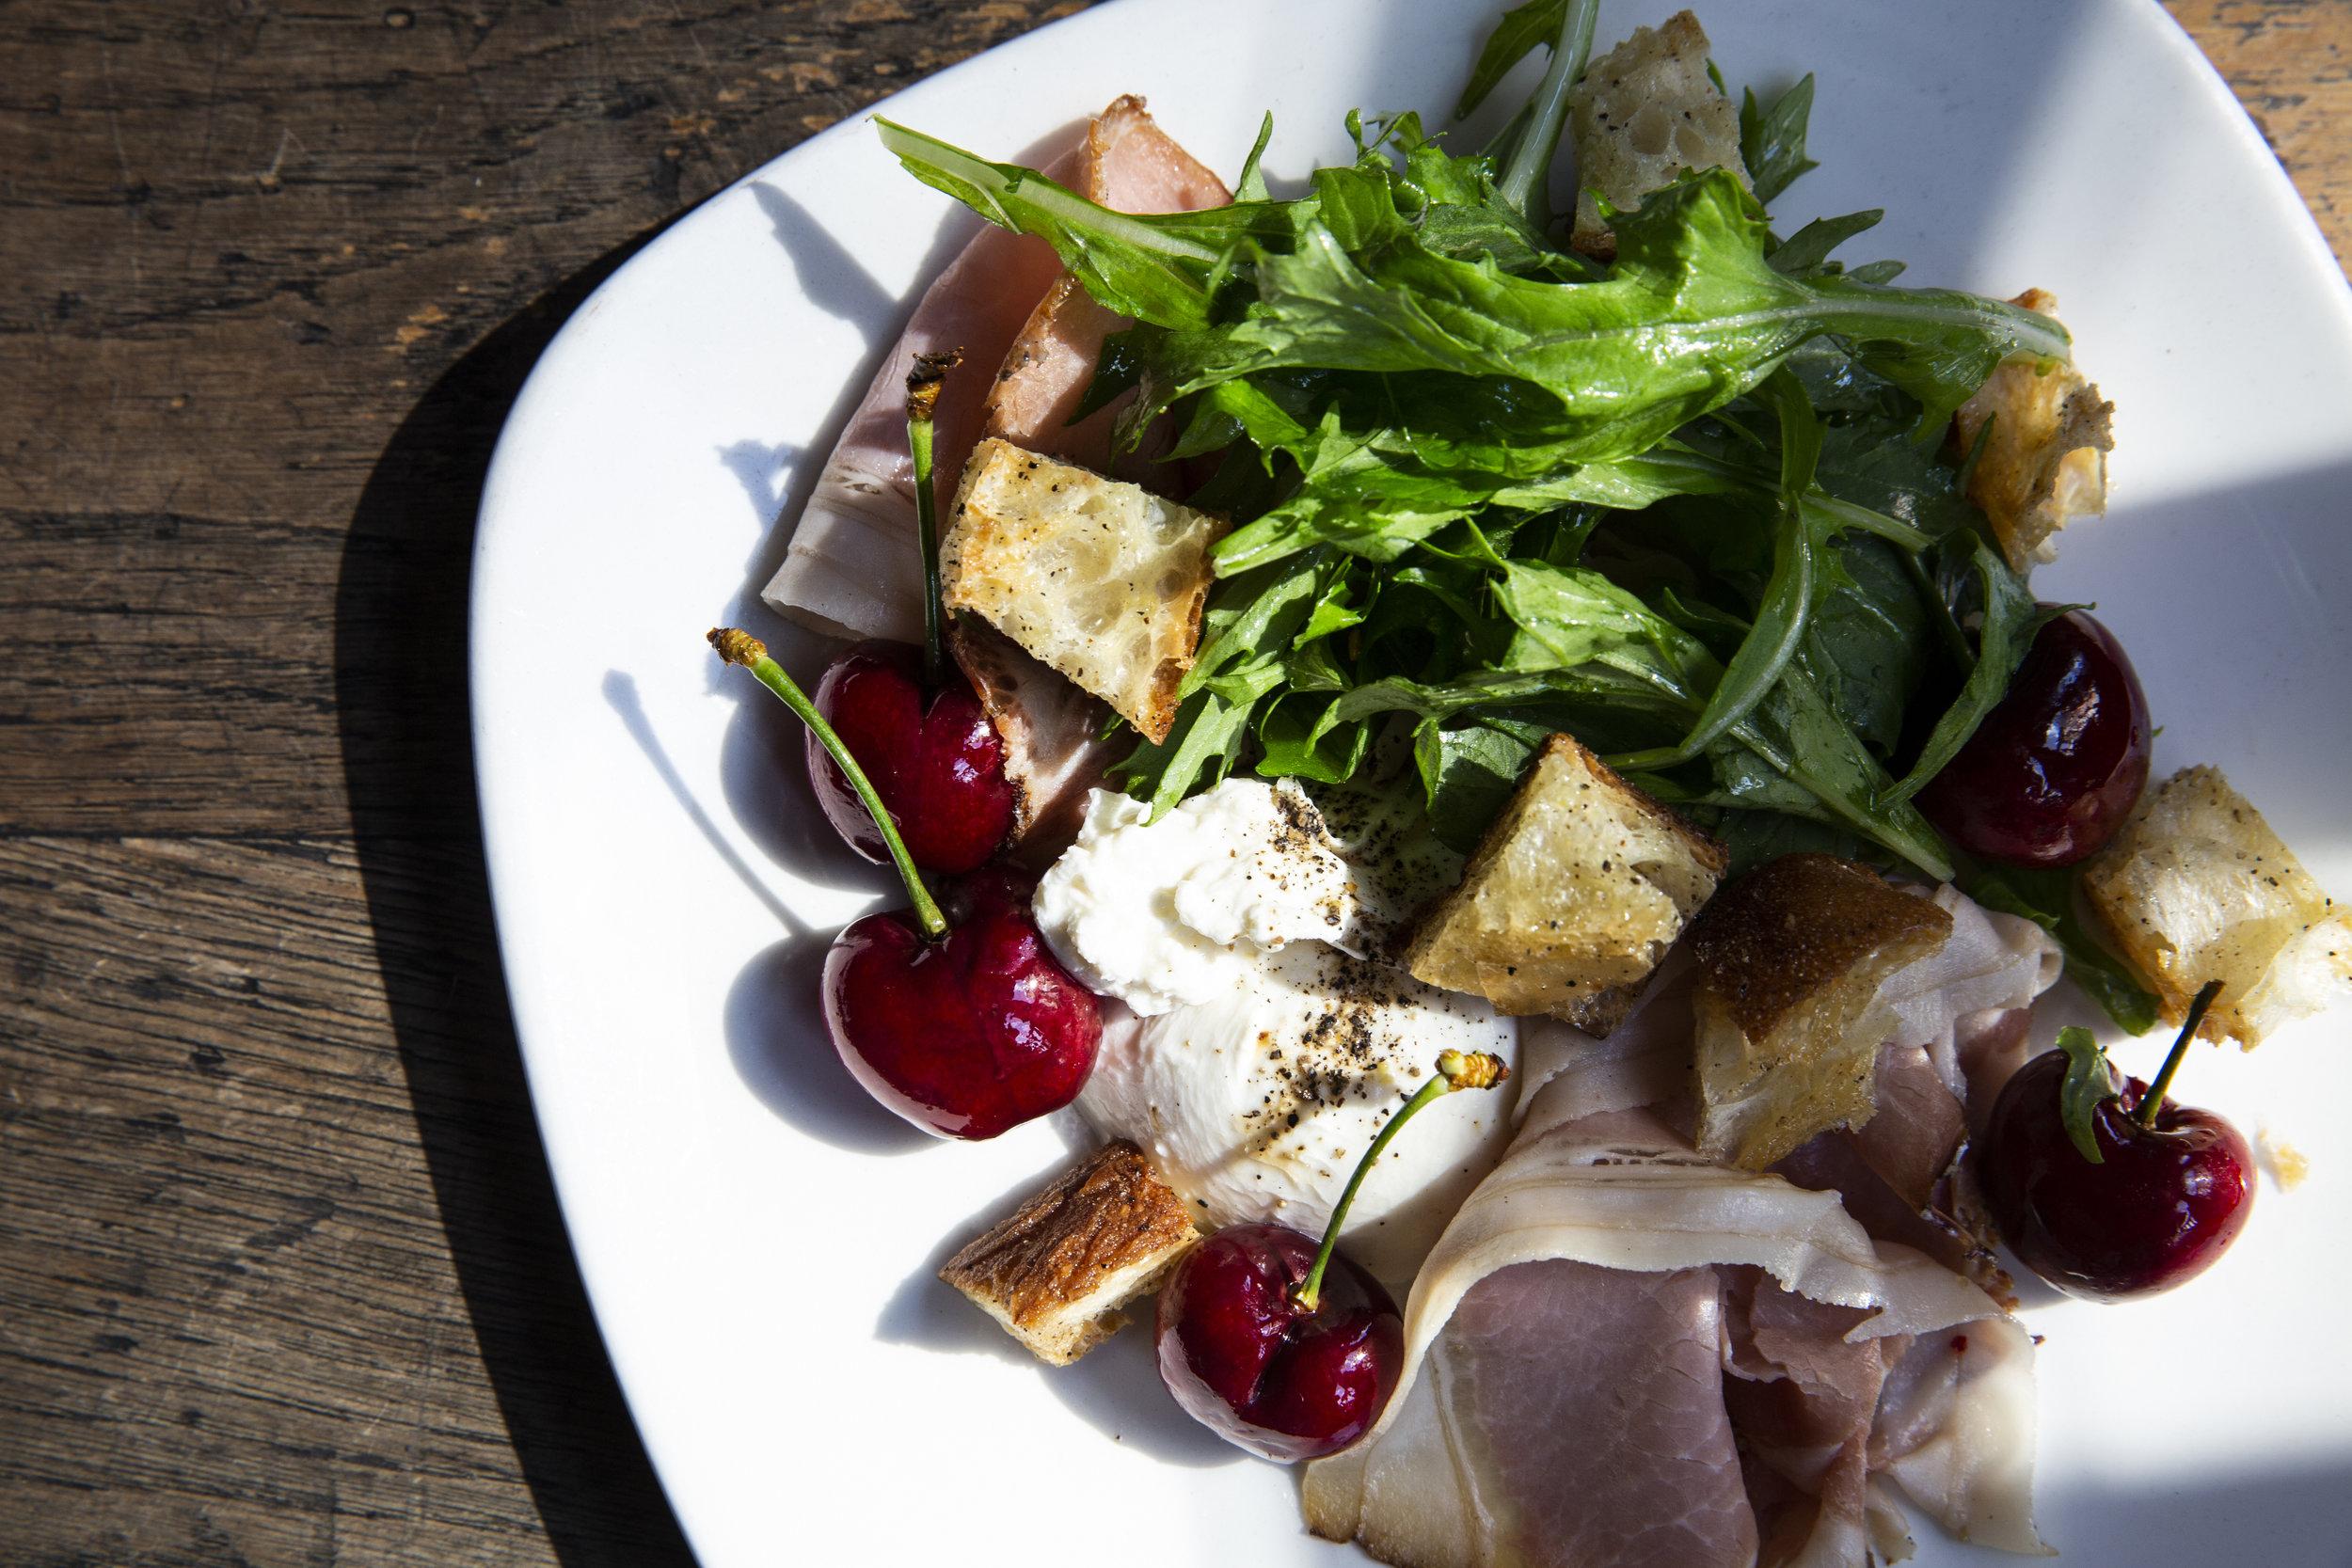 olympia-provisions-pop-up-menu-burrata-ham-salad-cb 6.7.187675 (1).jpg